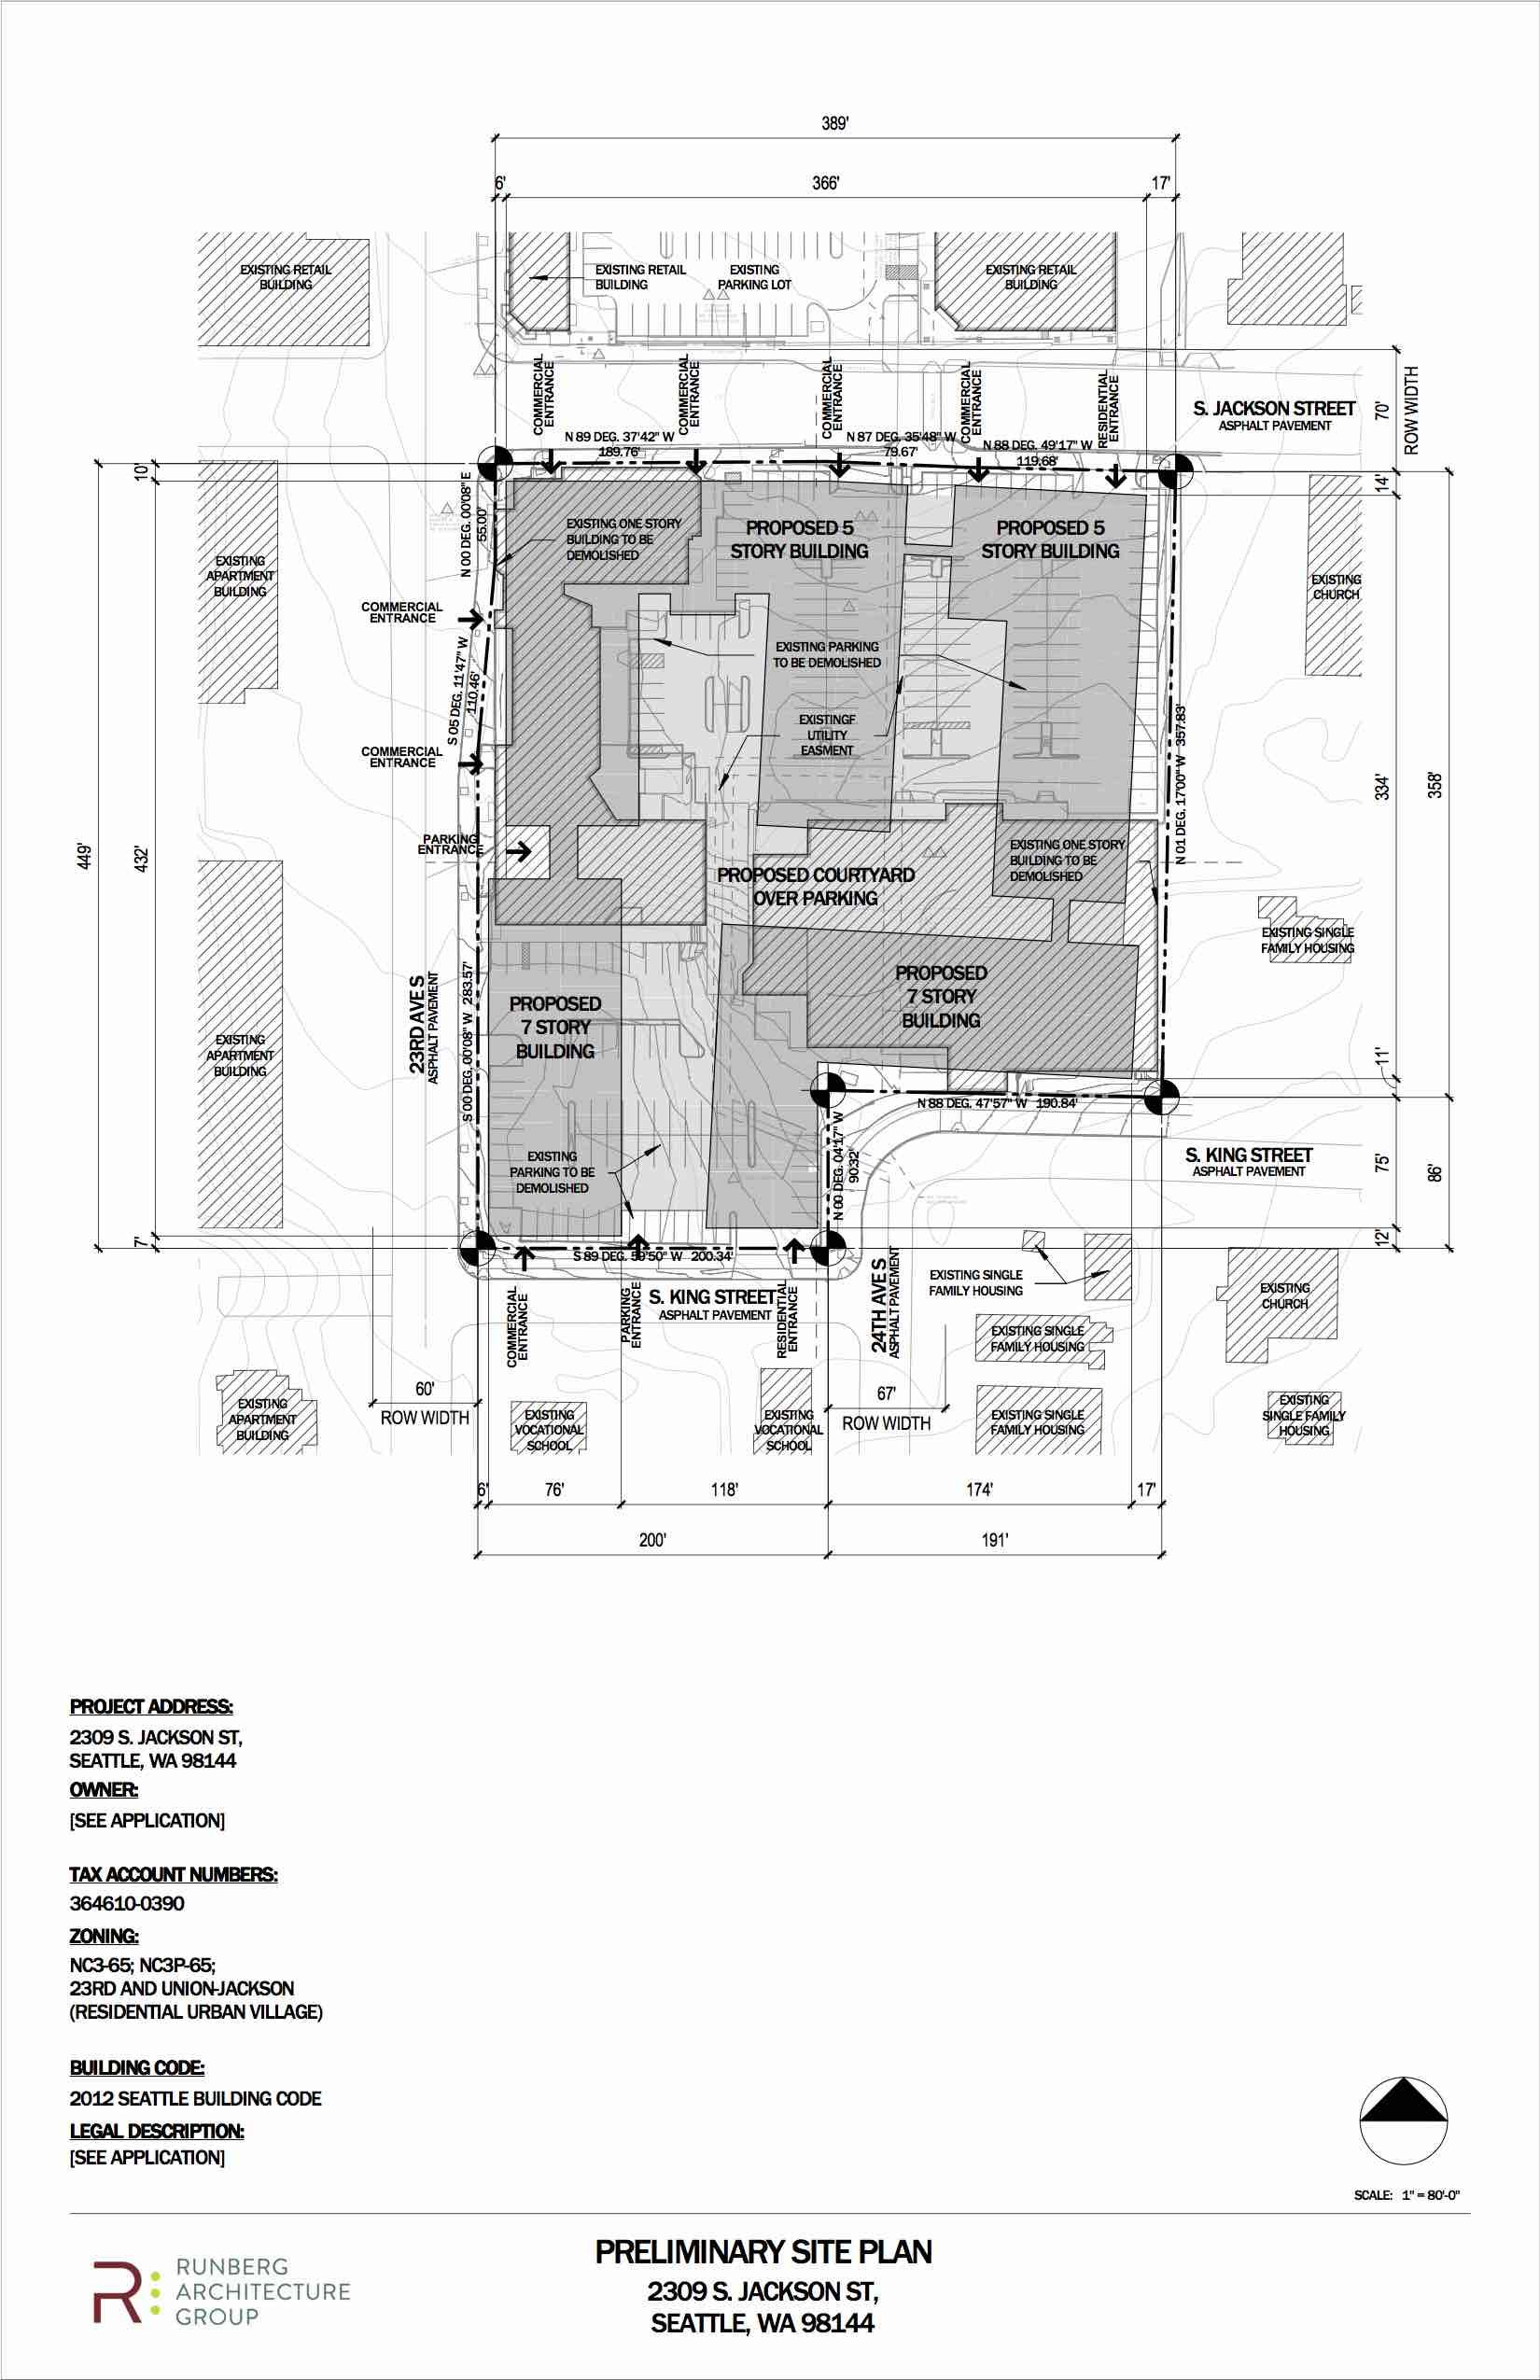 Wunderbar Peterbilt 389 Schaltplan Widerstand Galerie - Der ...